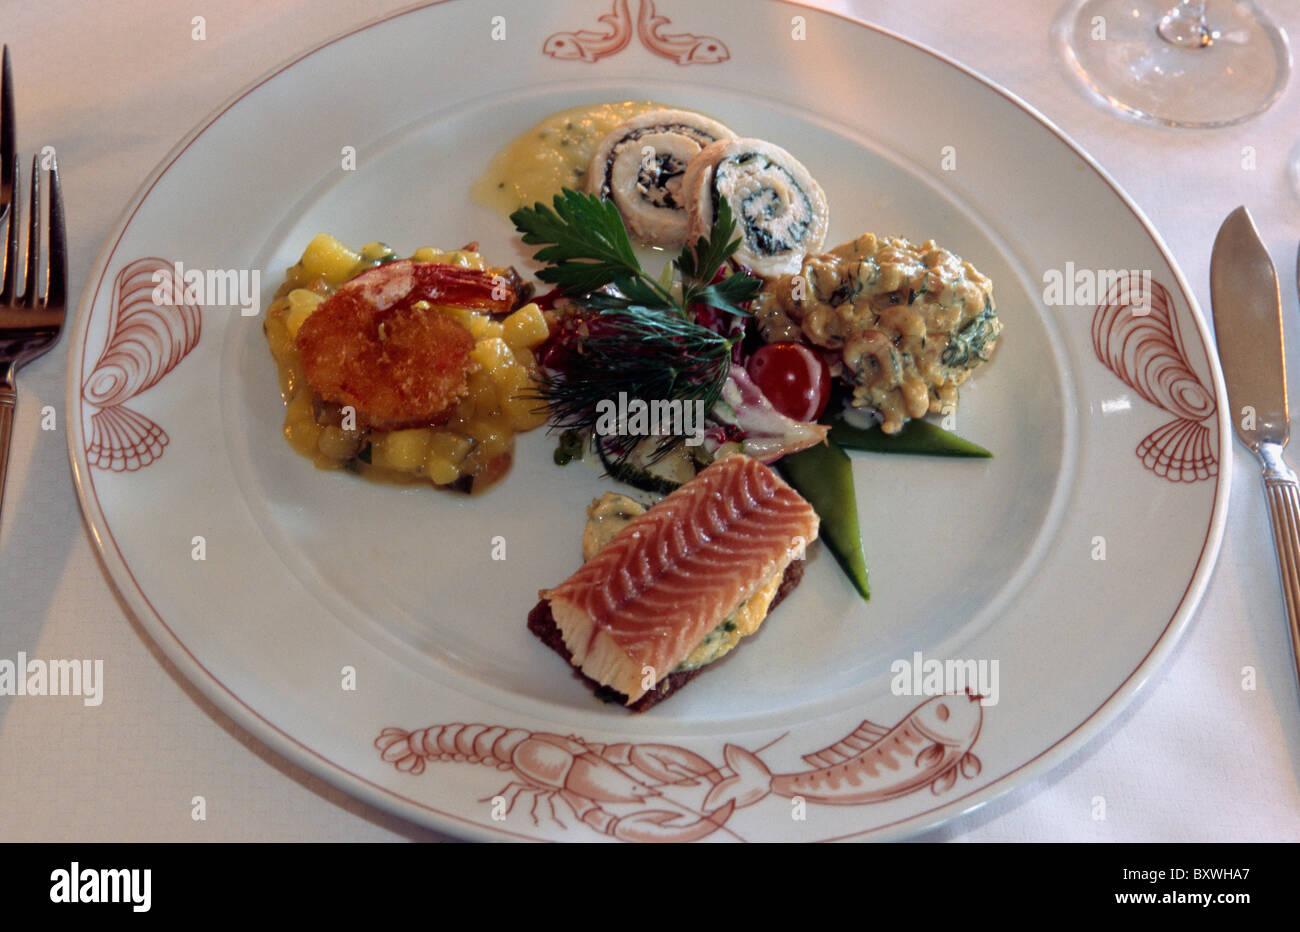 Plate in Fischereihafenrestaurant, Hamburg, Germany - Stock Image